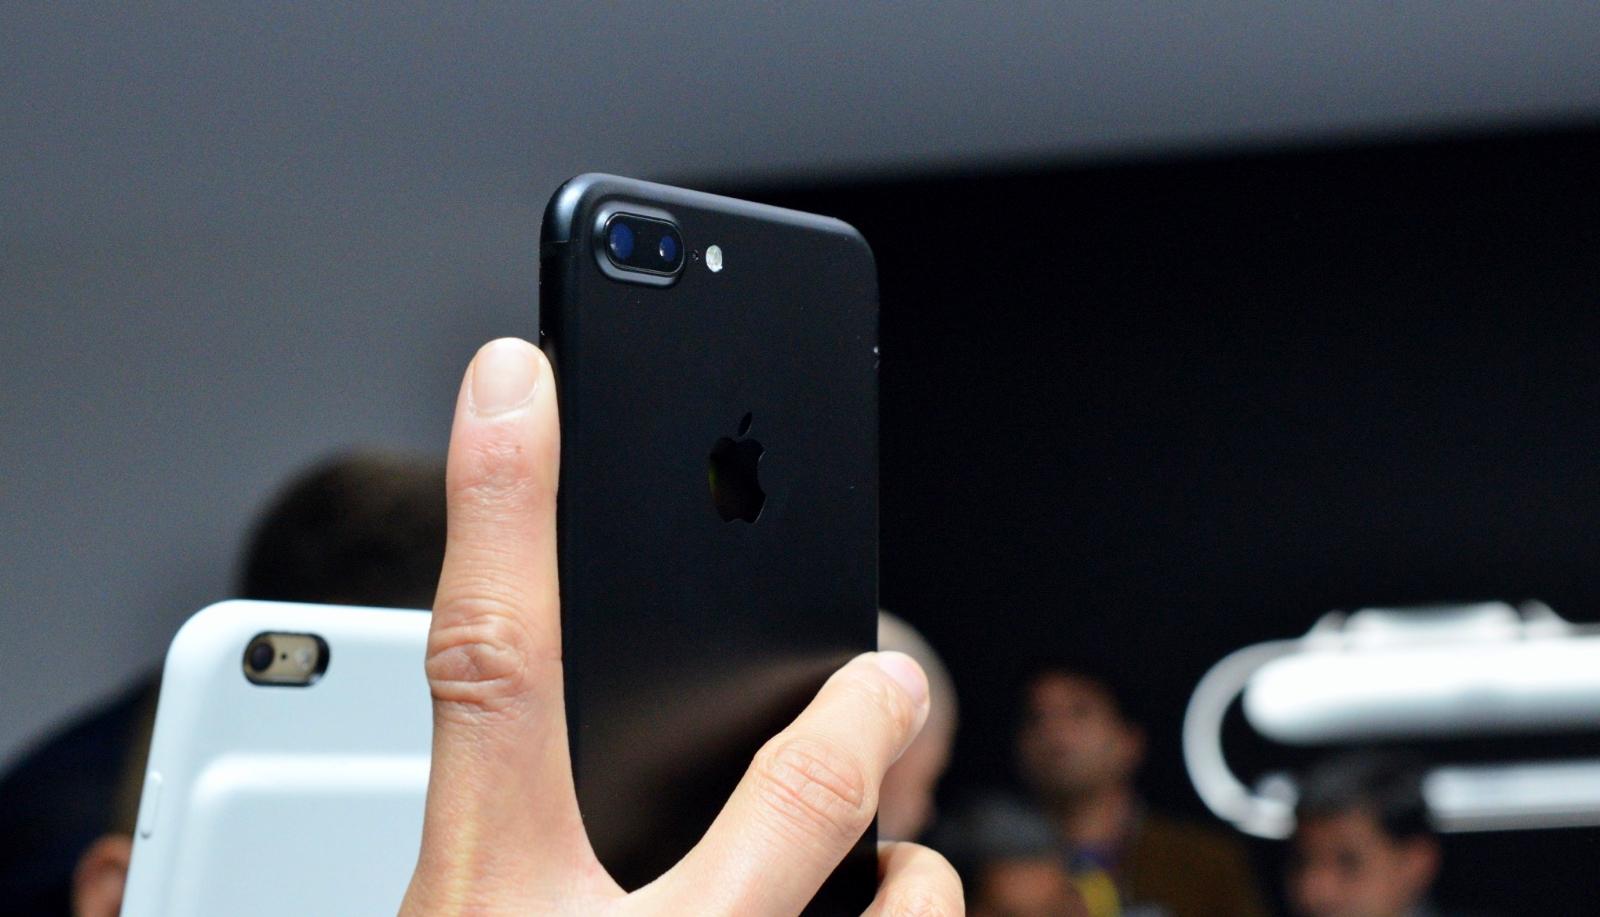 iphone7plus-black